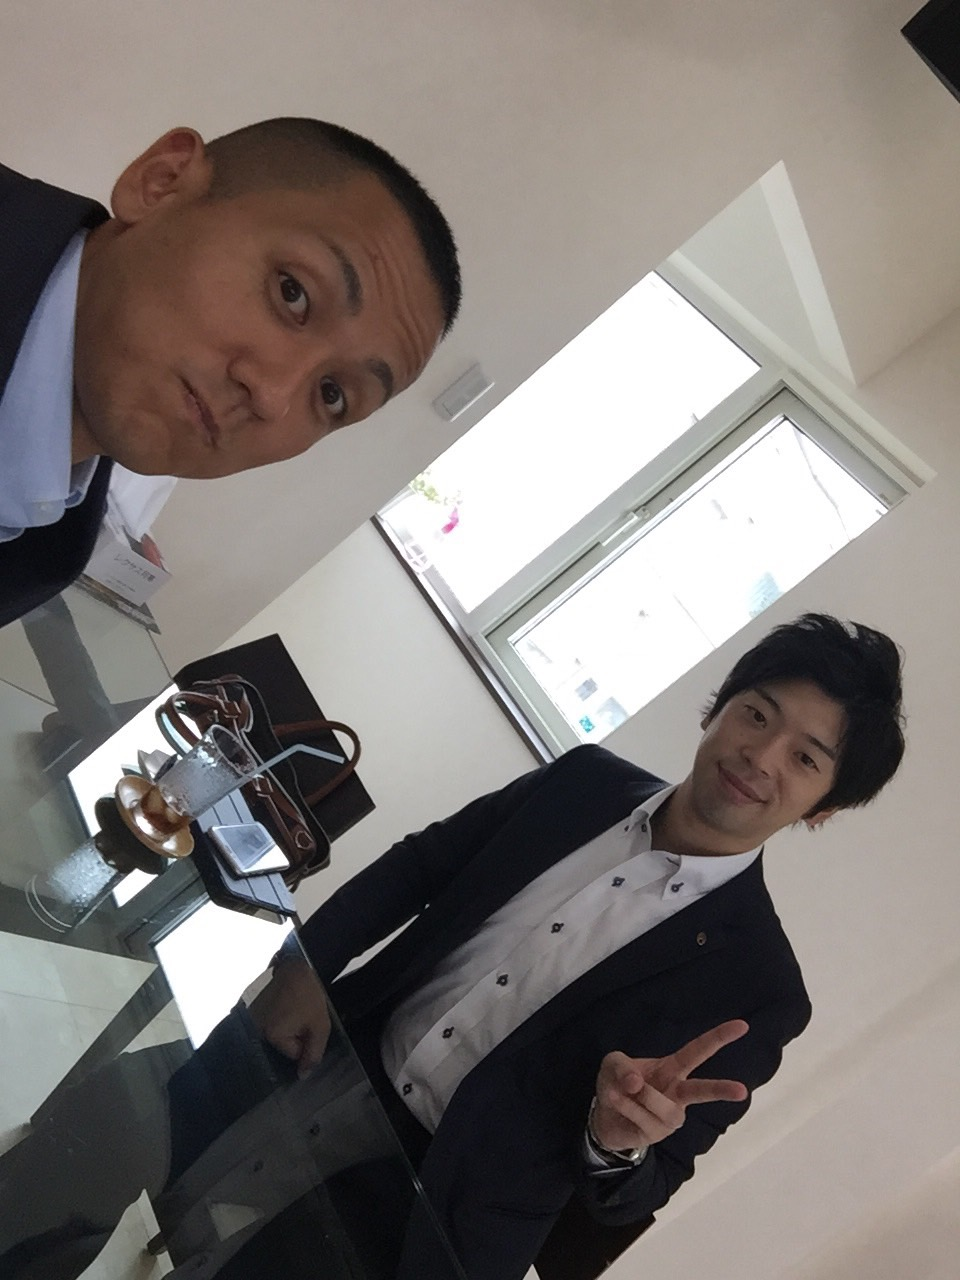 9月9日 金曜日の本店はオールスターブログヽ( 'ω' )ノ_b0127002_1942425.jpg